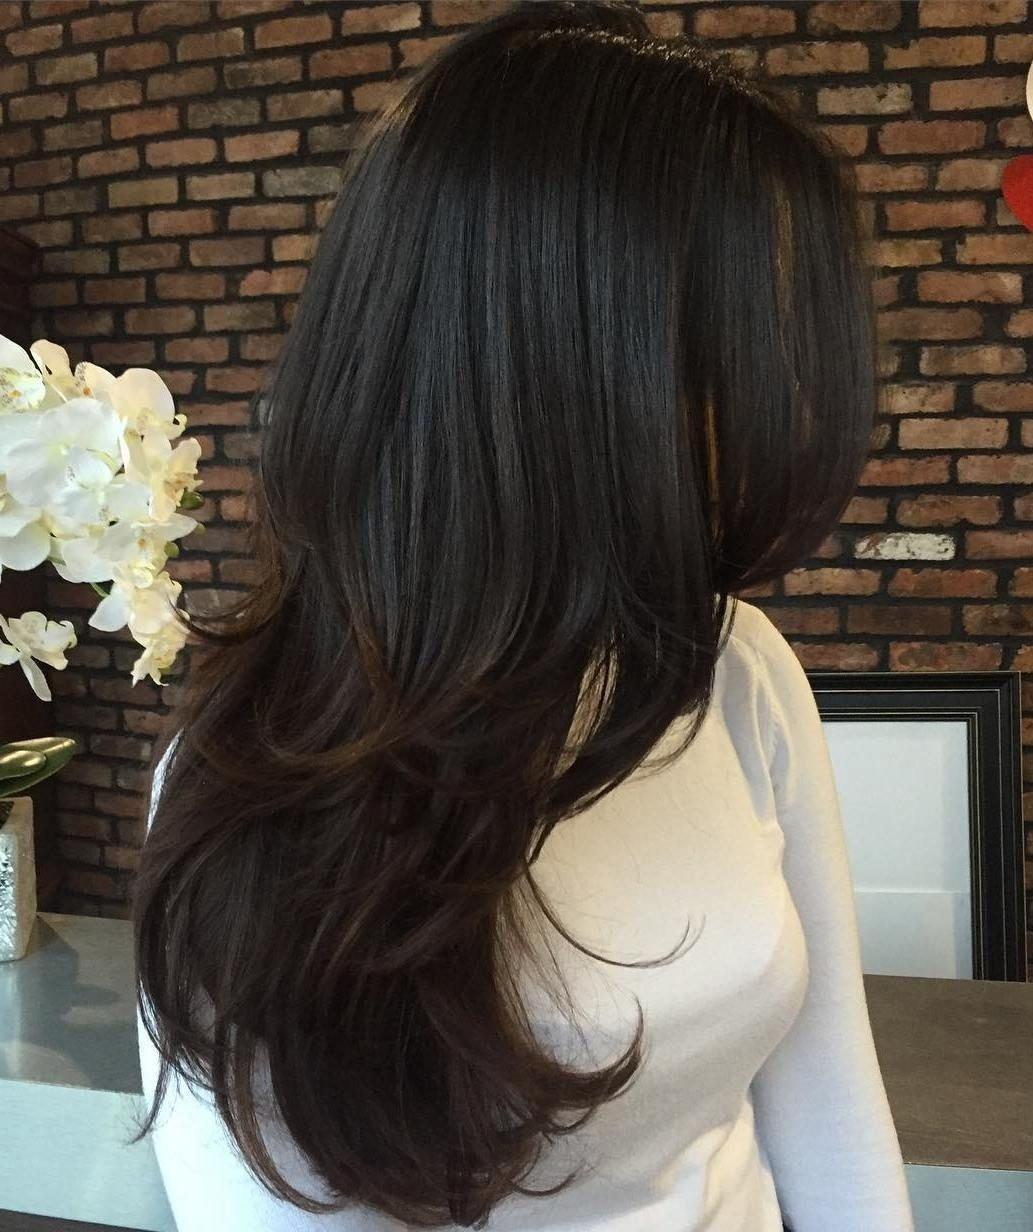 10 Elegant Haircut Ideas For Long Hair 80 cute layered hairstyles and cuts for long hair layered 1 2020